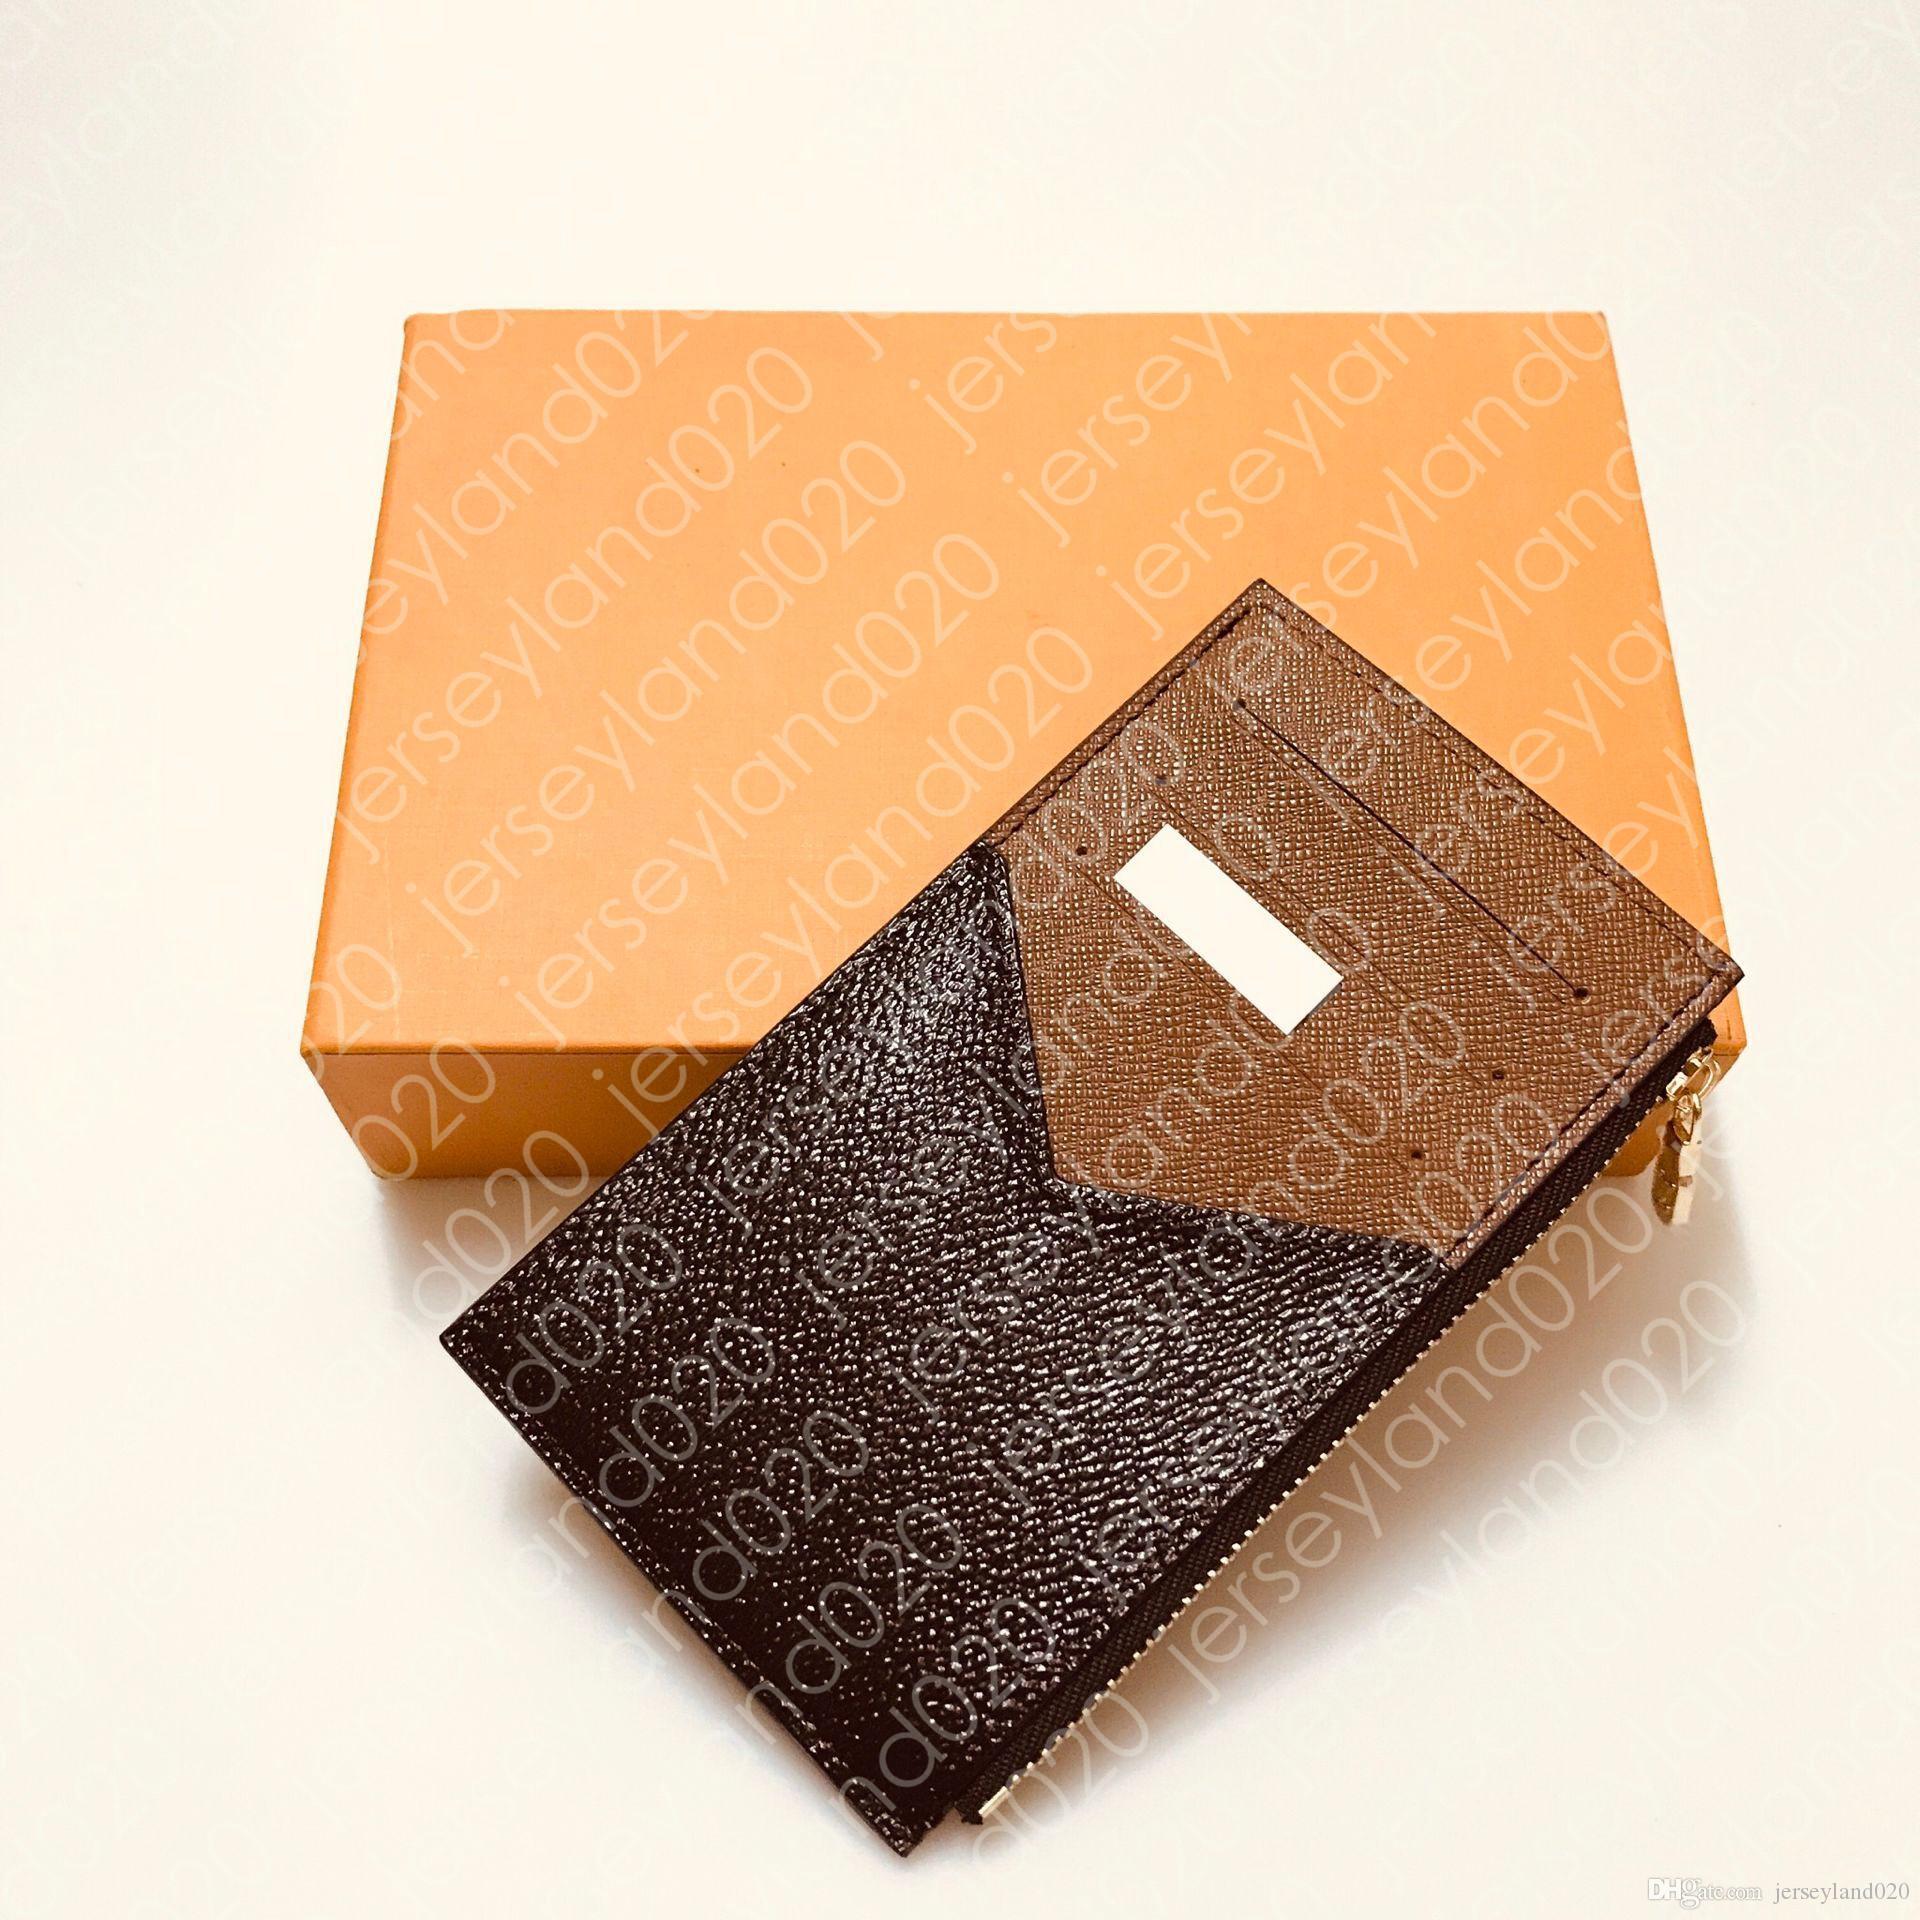 Titulaire de la carte de pièces N64038 Femme Mens design Mode Poche zippée Poche de luxe Porte-monnaie Pièces de crédit Case Marron Brown Toile à carreaux monogrammés